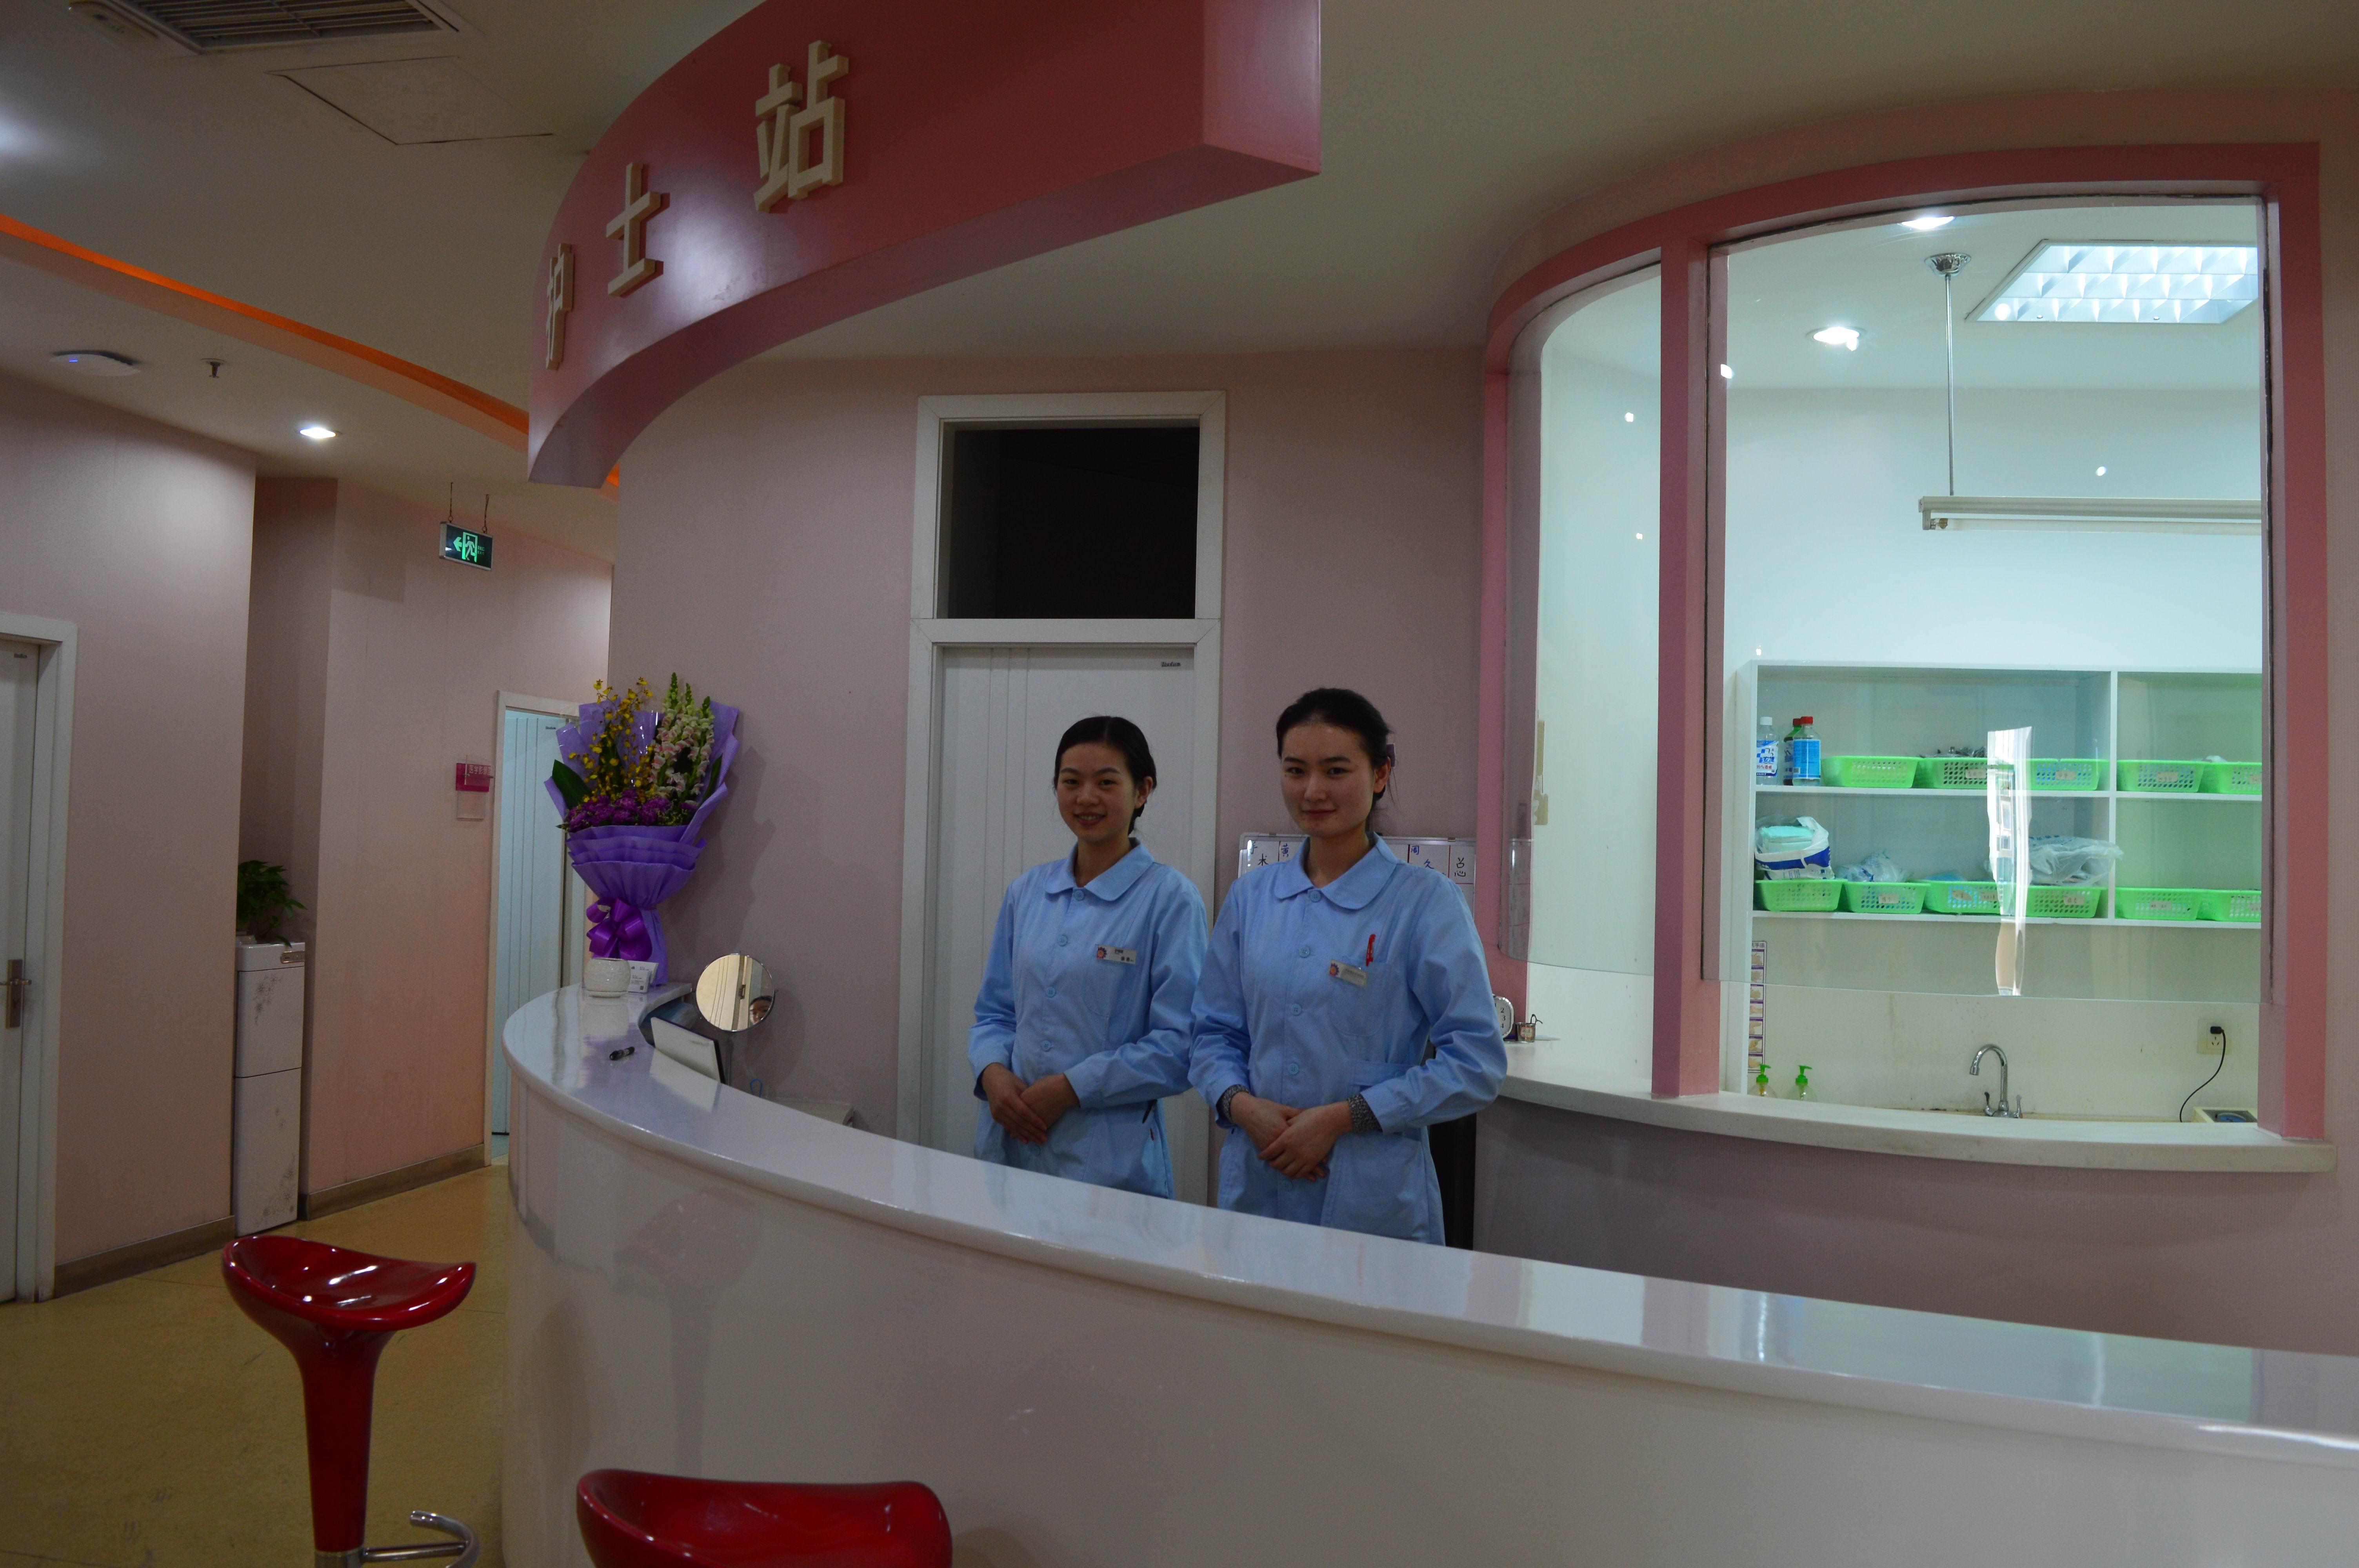 重庆万州华美紫馨整形美容医院环境图4